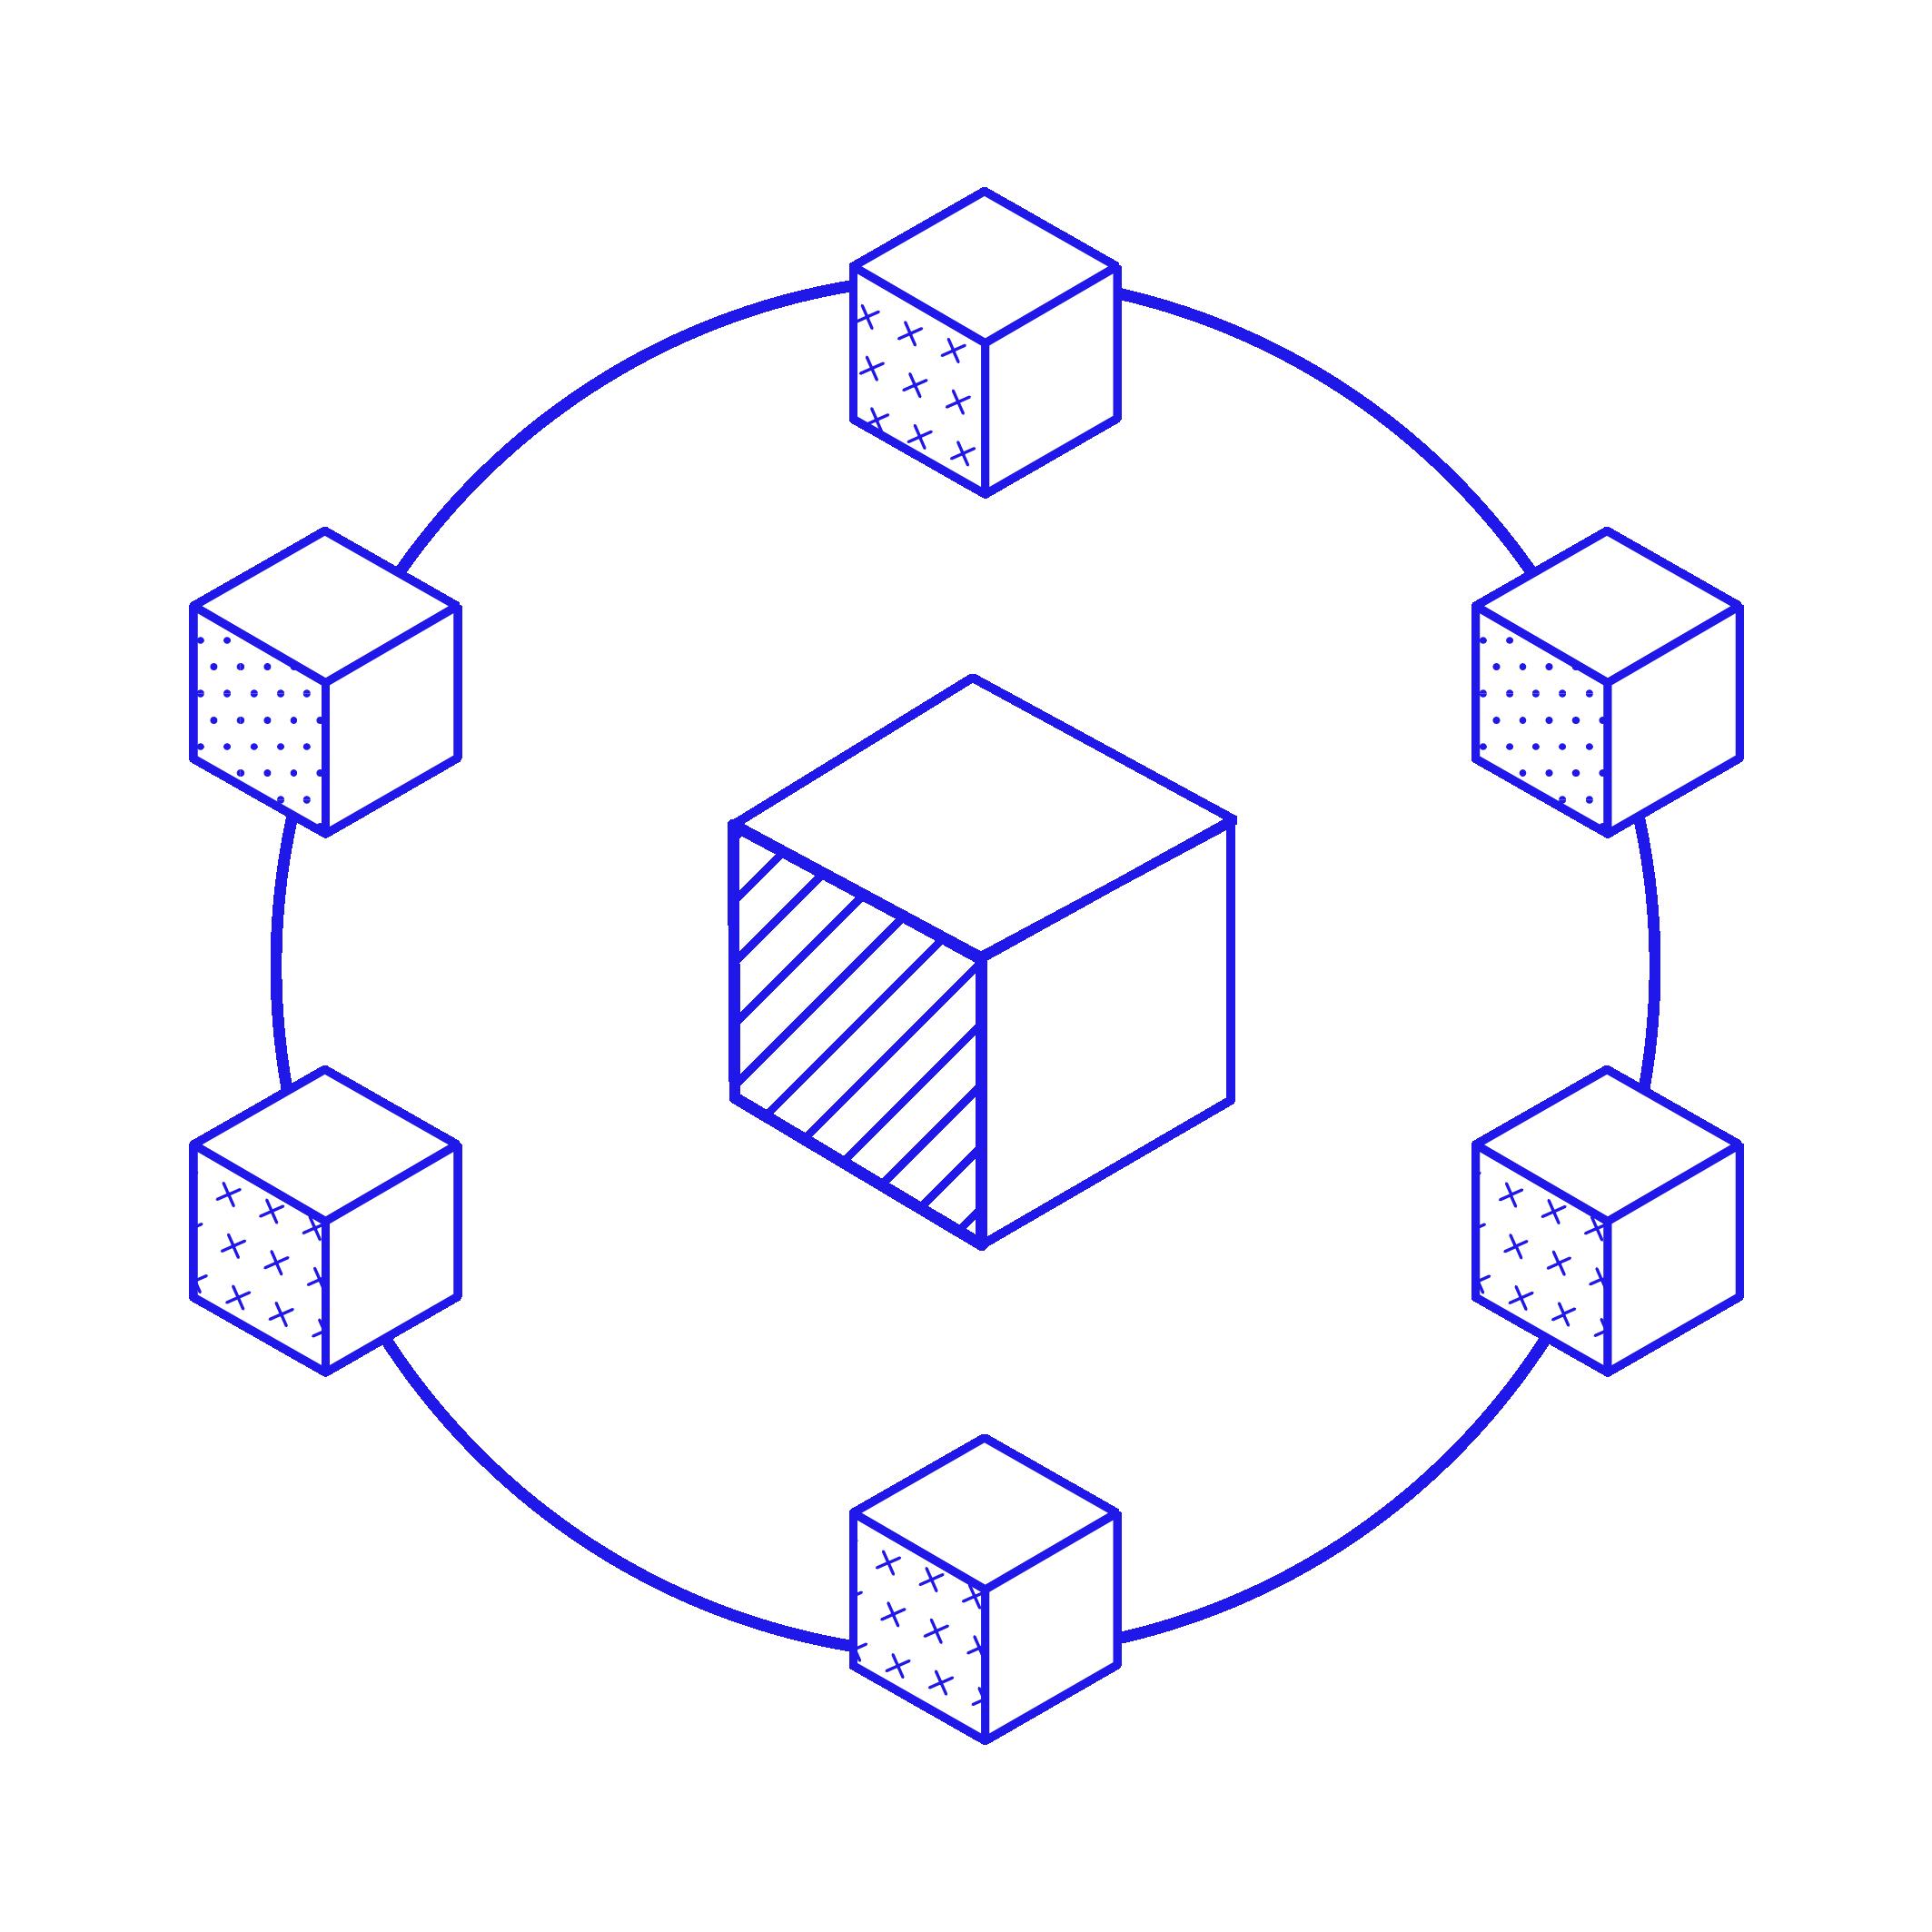 Holistisch - Het gaat om de hele dienstverlening, van begin tot einde. Een service is onderdeel van een systeem dat je holistisch moet benaderen door de dienst of het product dat wordt ontworpen als samenhangend geheel zien. Het maakt deel uit van iets groters. Probeer rekening te houden met toekomstige behoeften, houd in het achterhoofd hoe factoren kunnen veranderen en probeer daarom het ontwerp zo flexibel mogelijk te maken of het in beginsel modulair op te zetten.